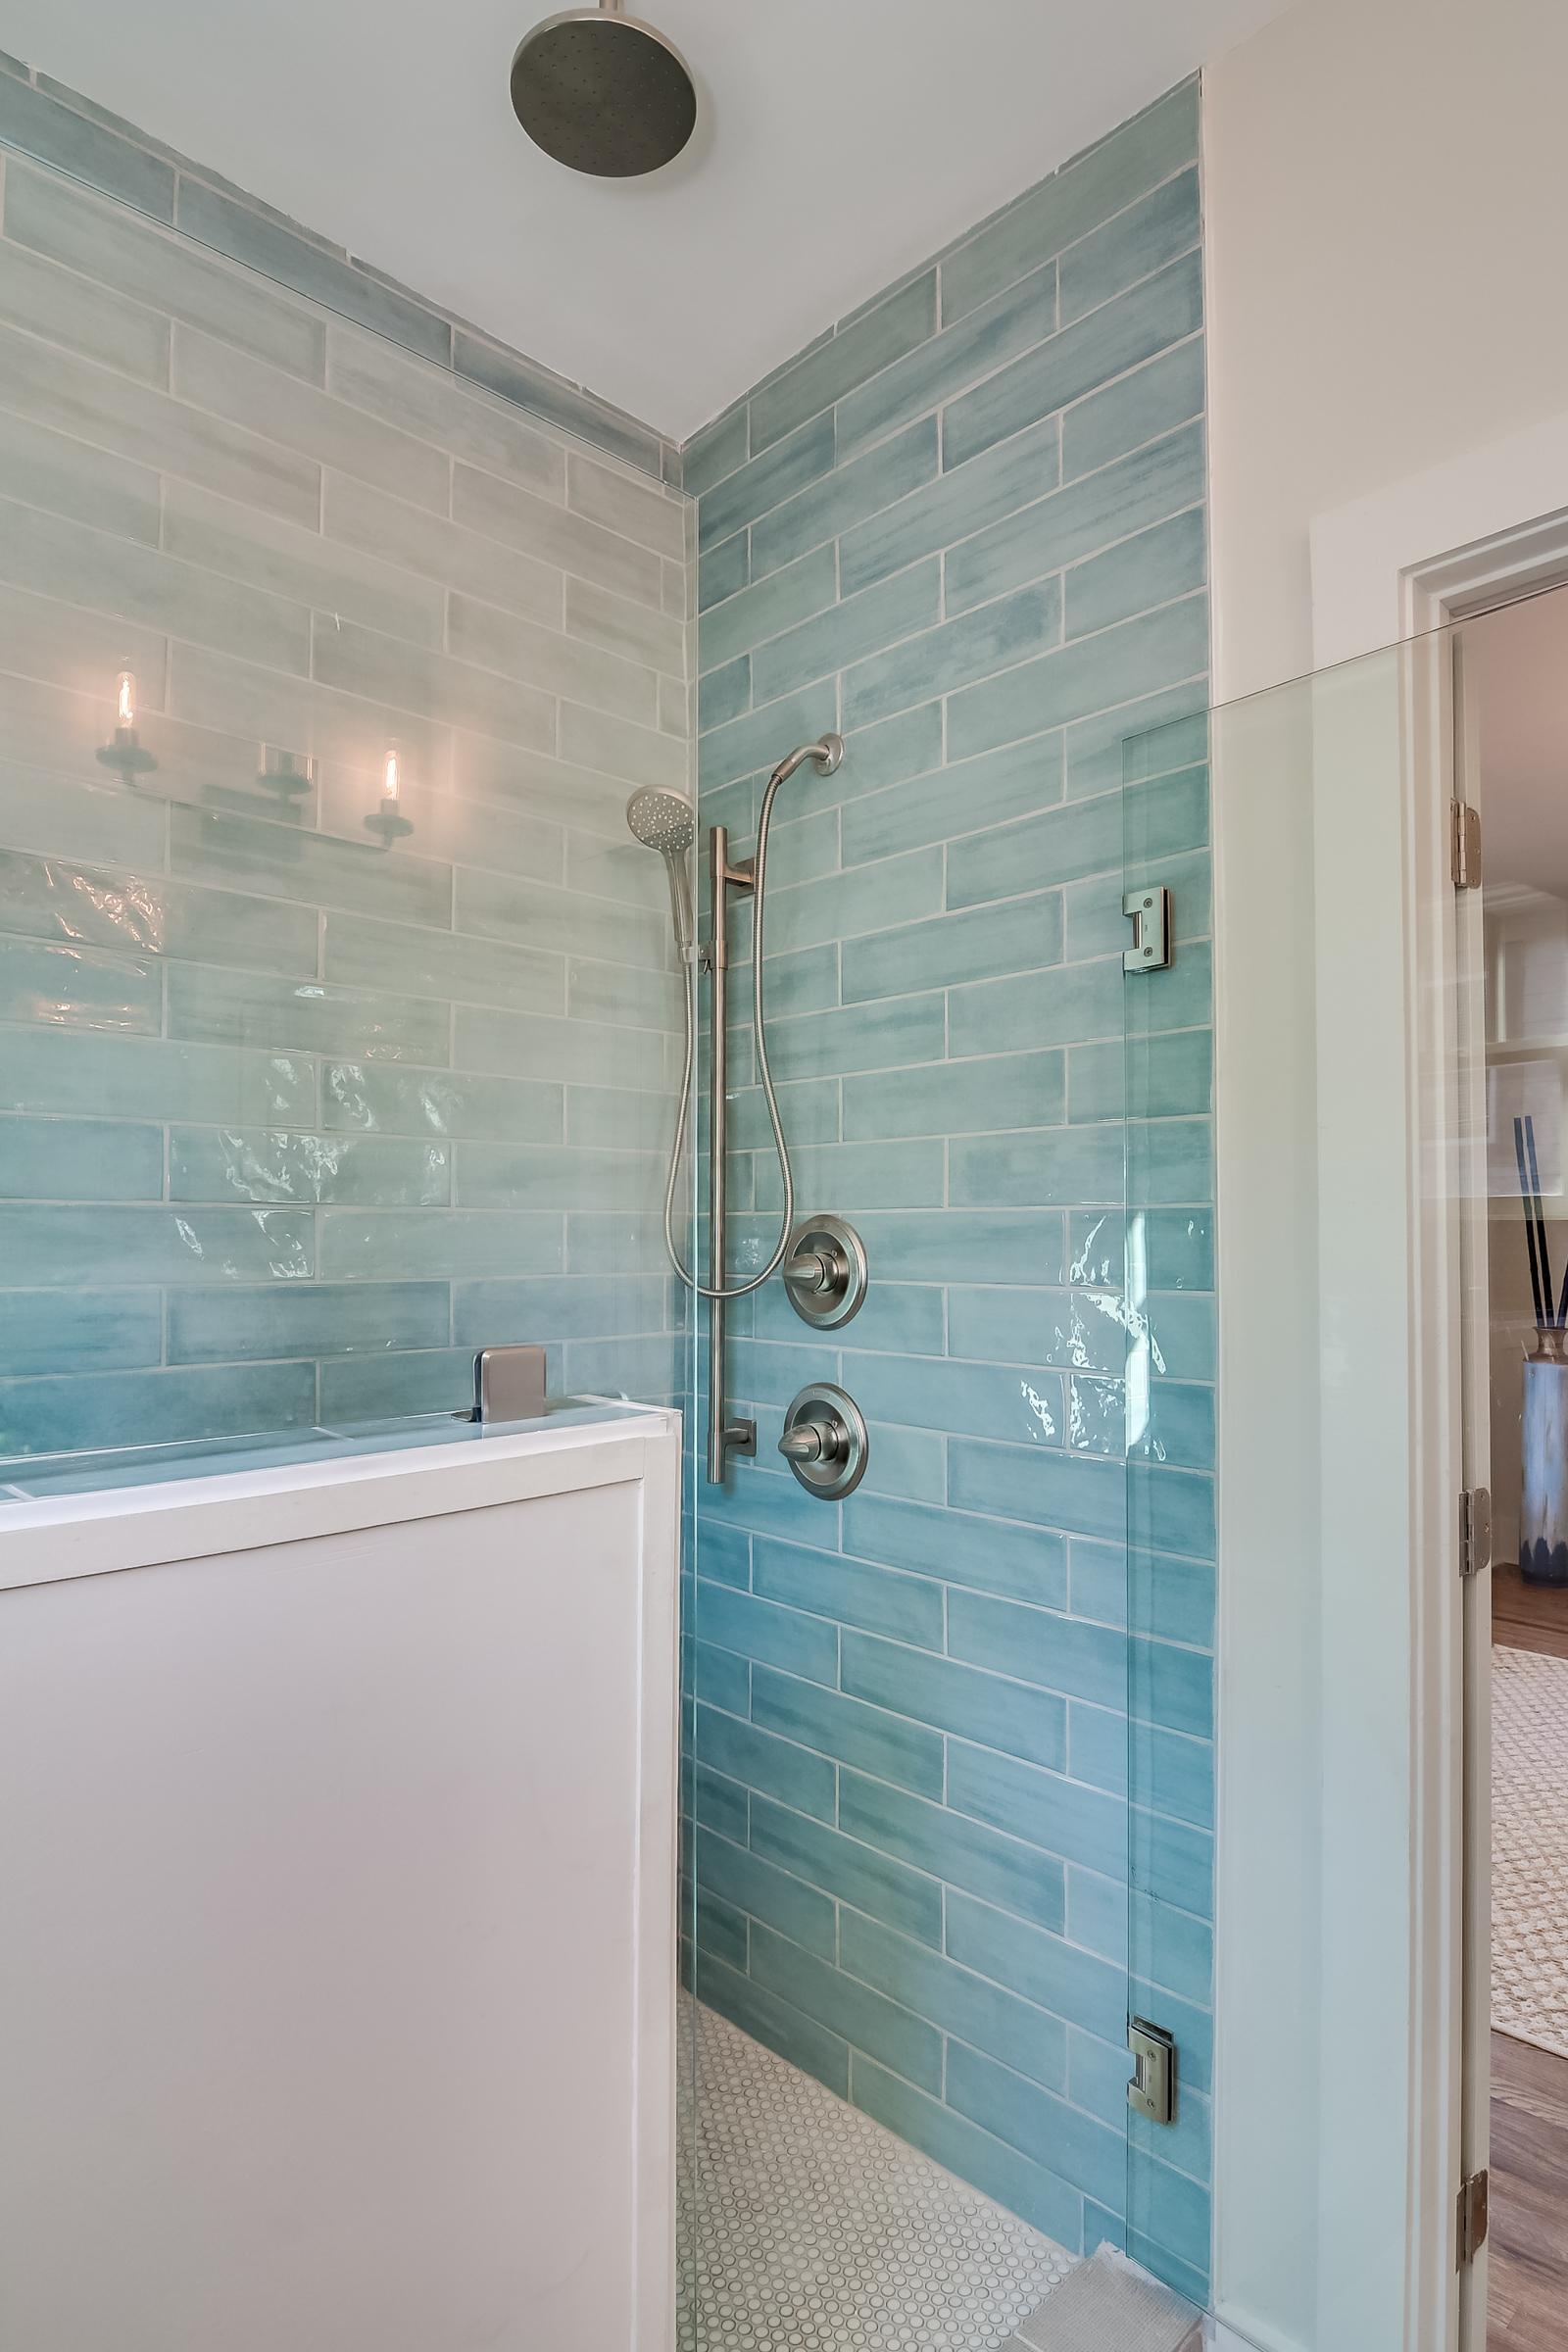 Vanity, Sinks, Faucets, Toilet, Shower Hardware: Kohler